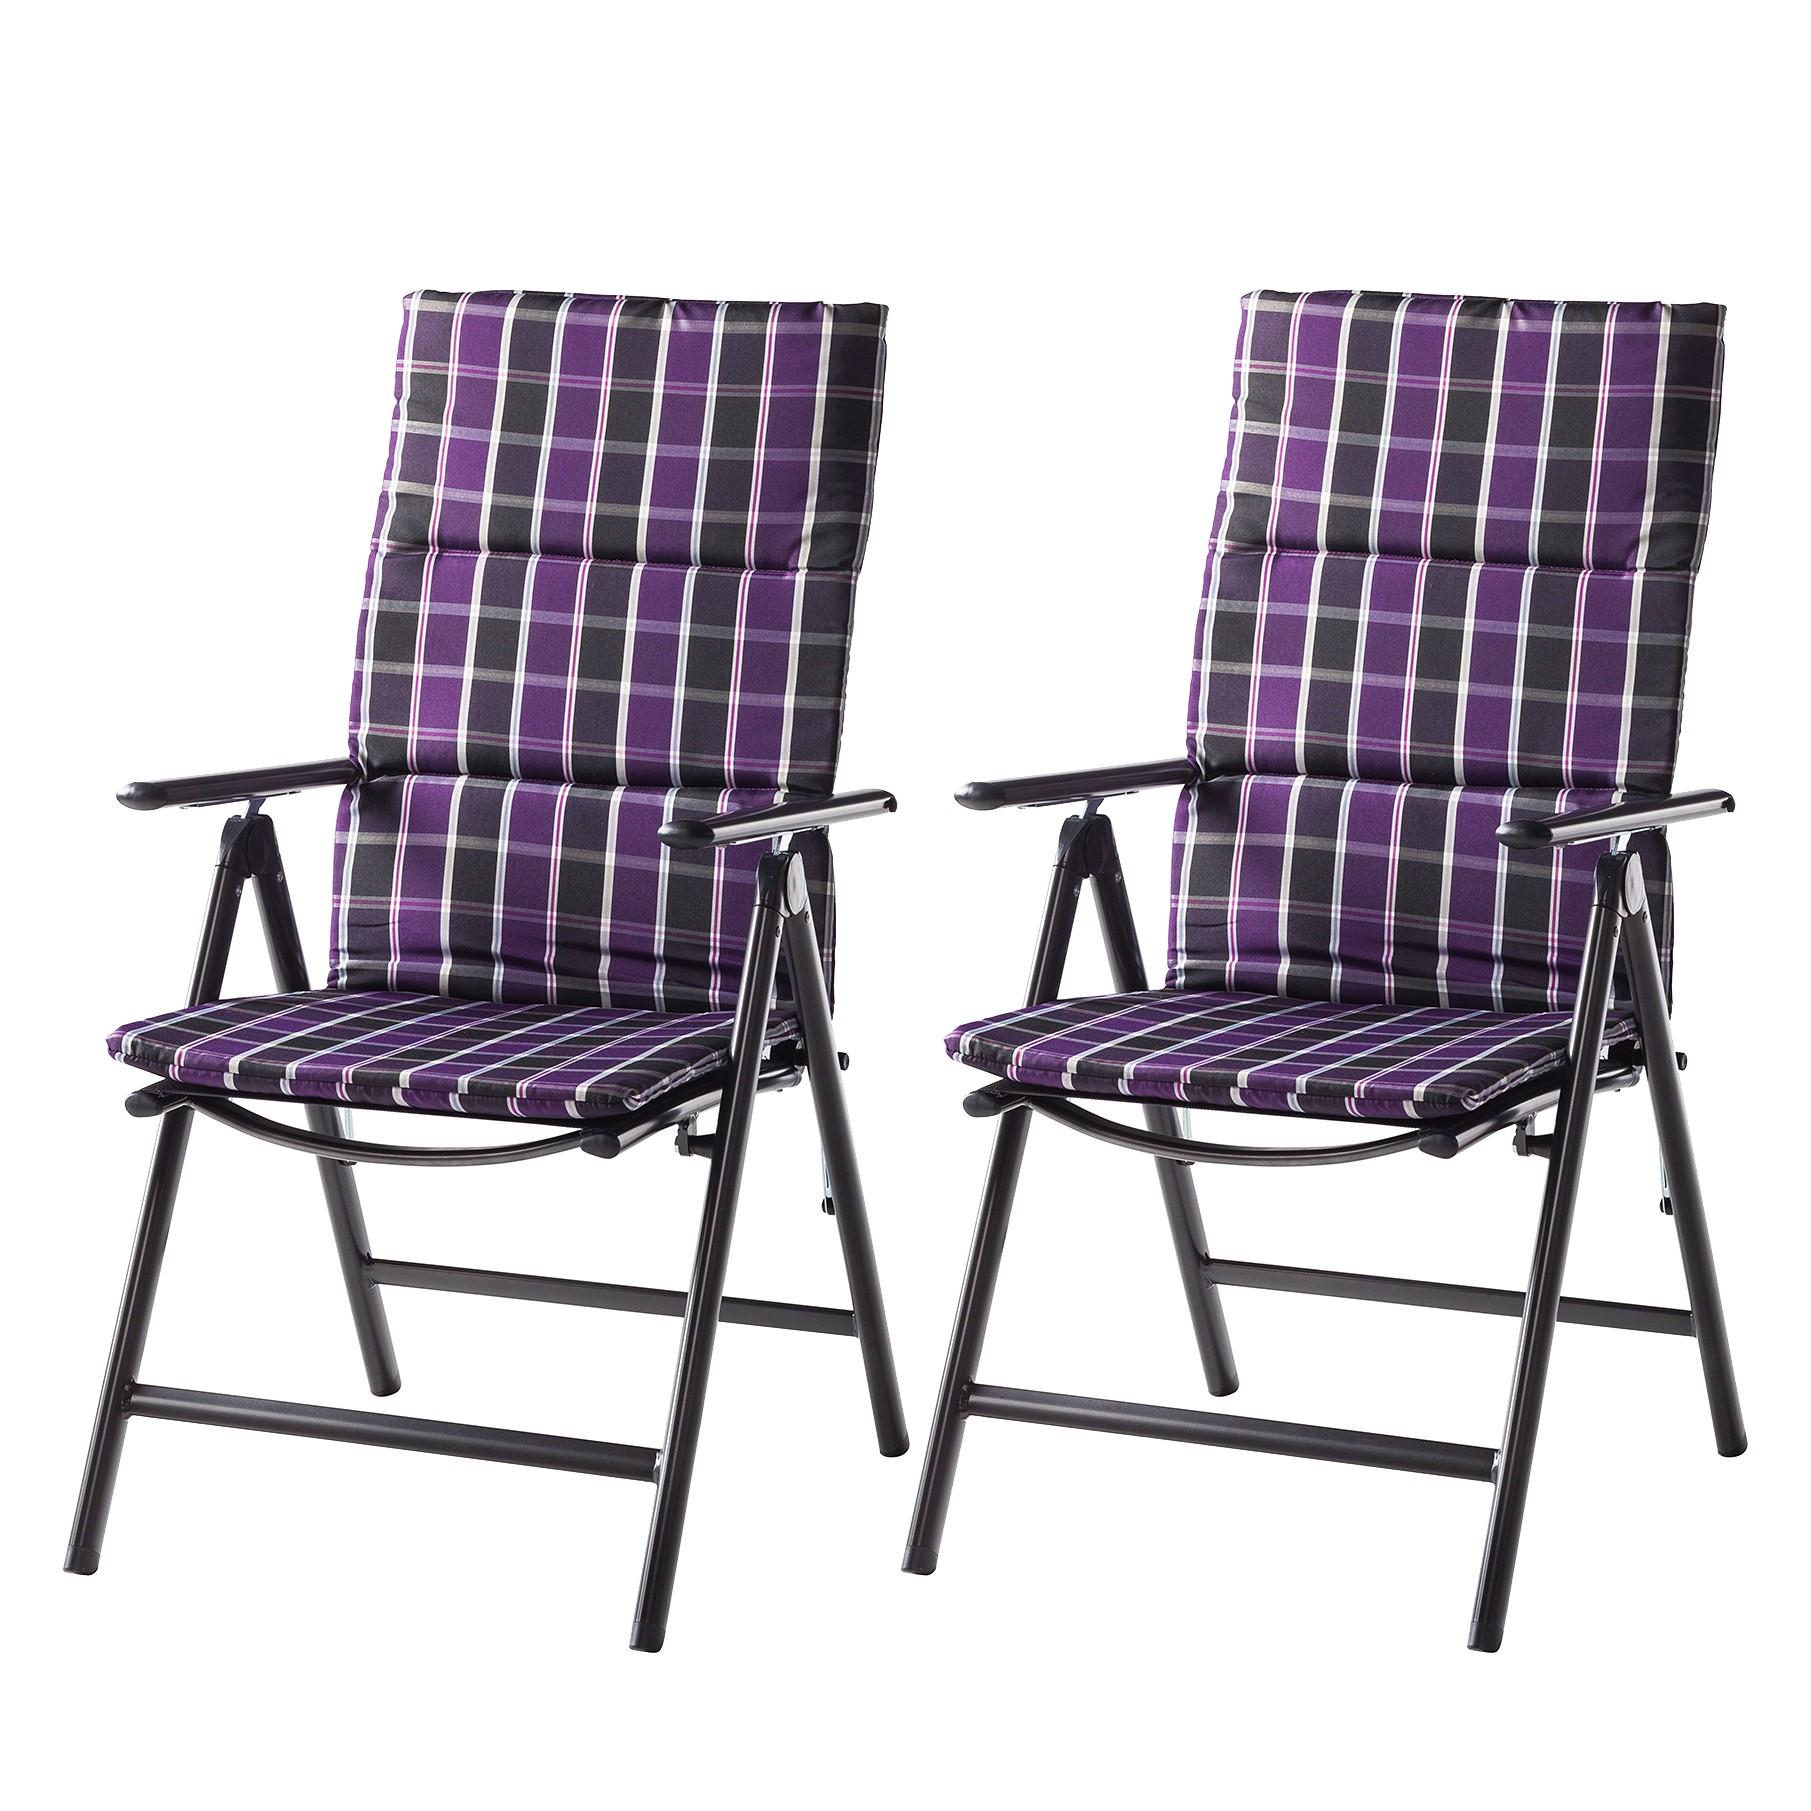 Klapstoelen Lübeck (2-delige set) - aluminium/geweven stof - zwart/paars, Merxx